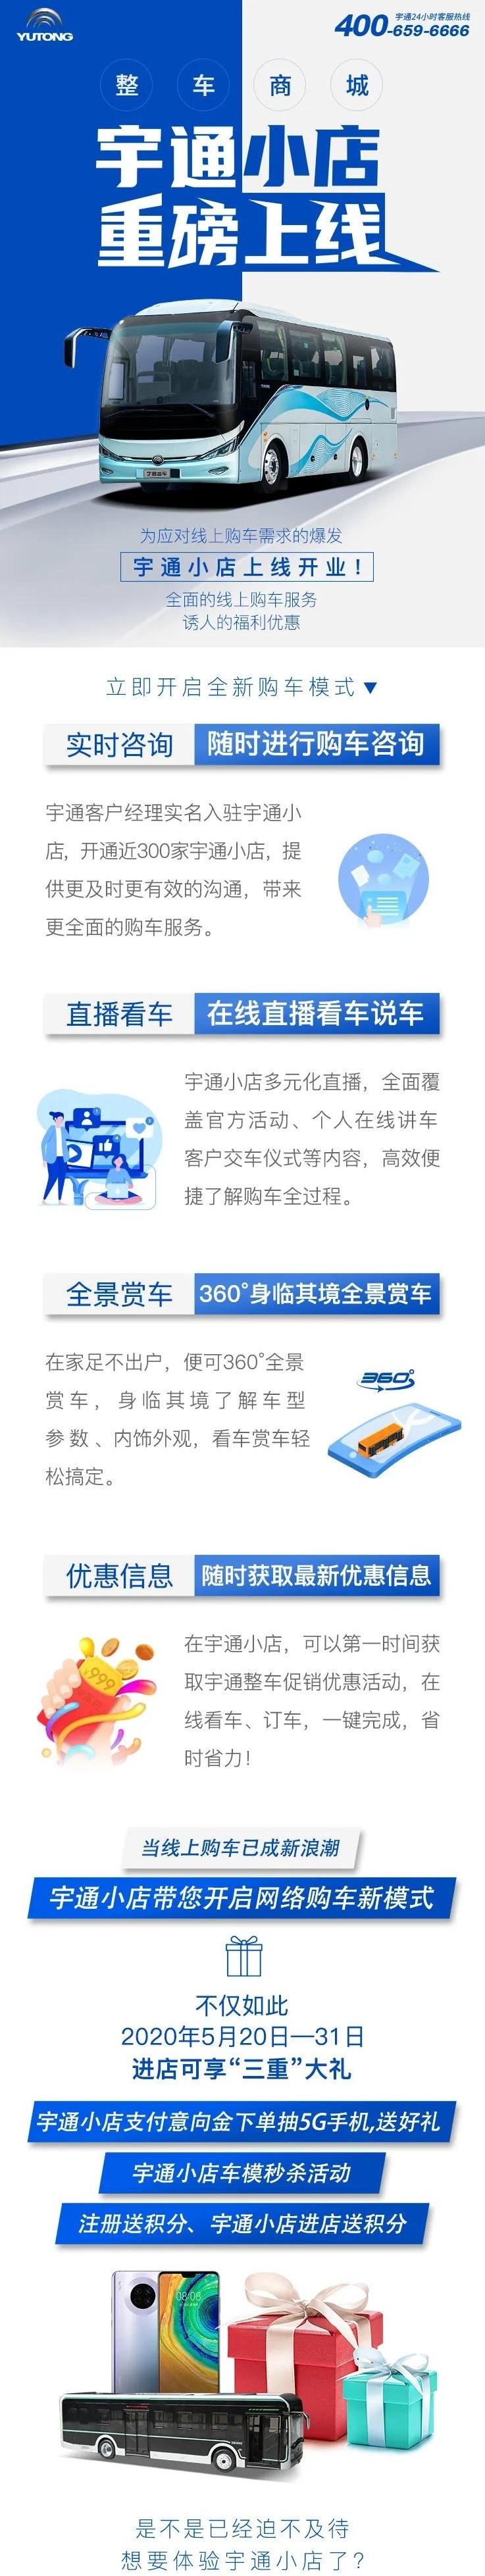 """宇通小店重磅开业,您的线上""""4S""""店来了"""